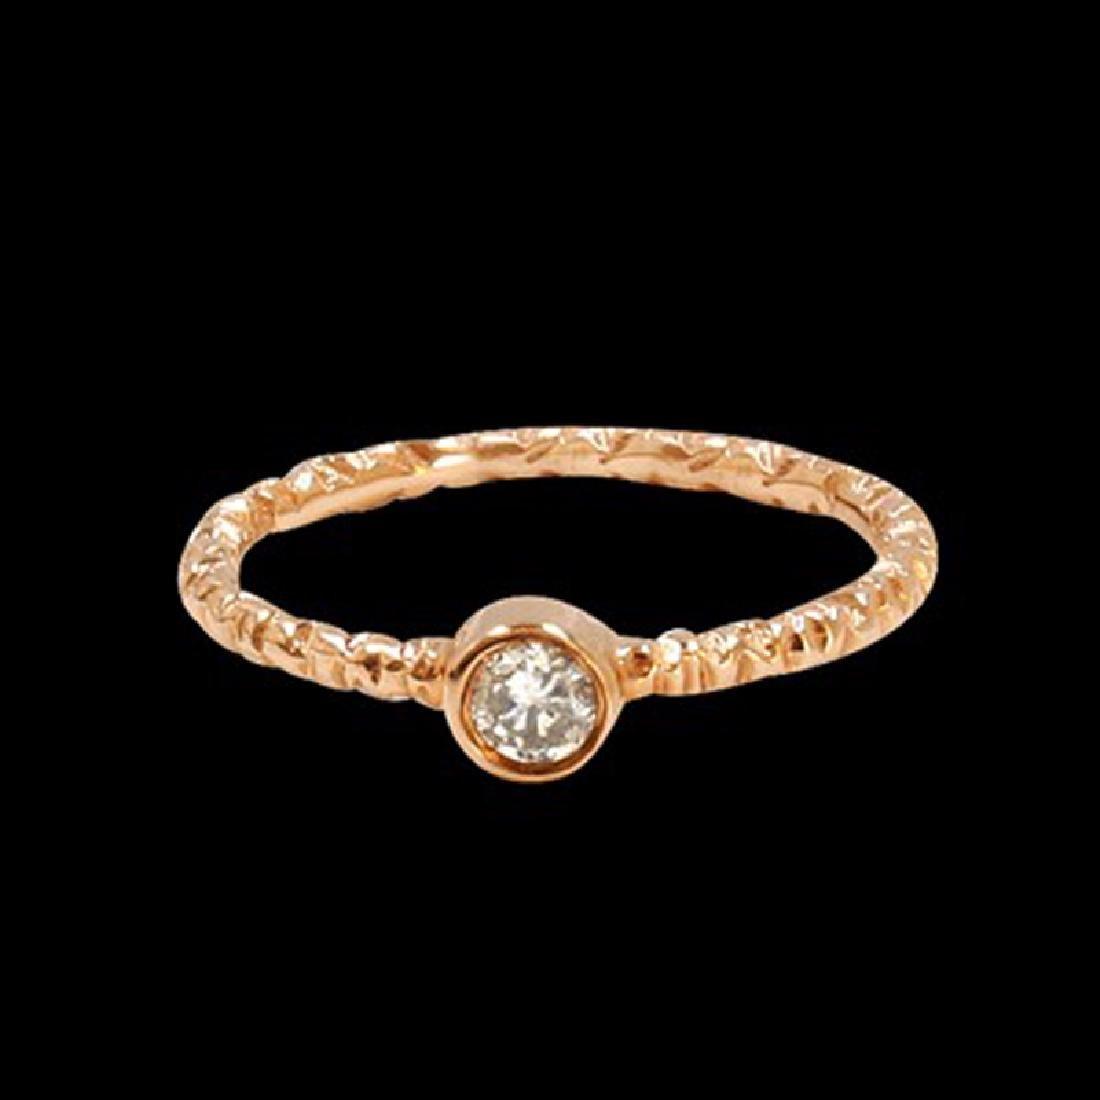 0.17CT NATURAL DIAMOND 14K ROSE GOLD RING